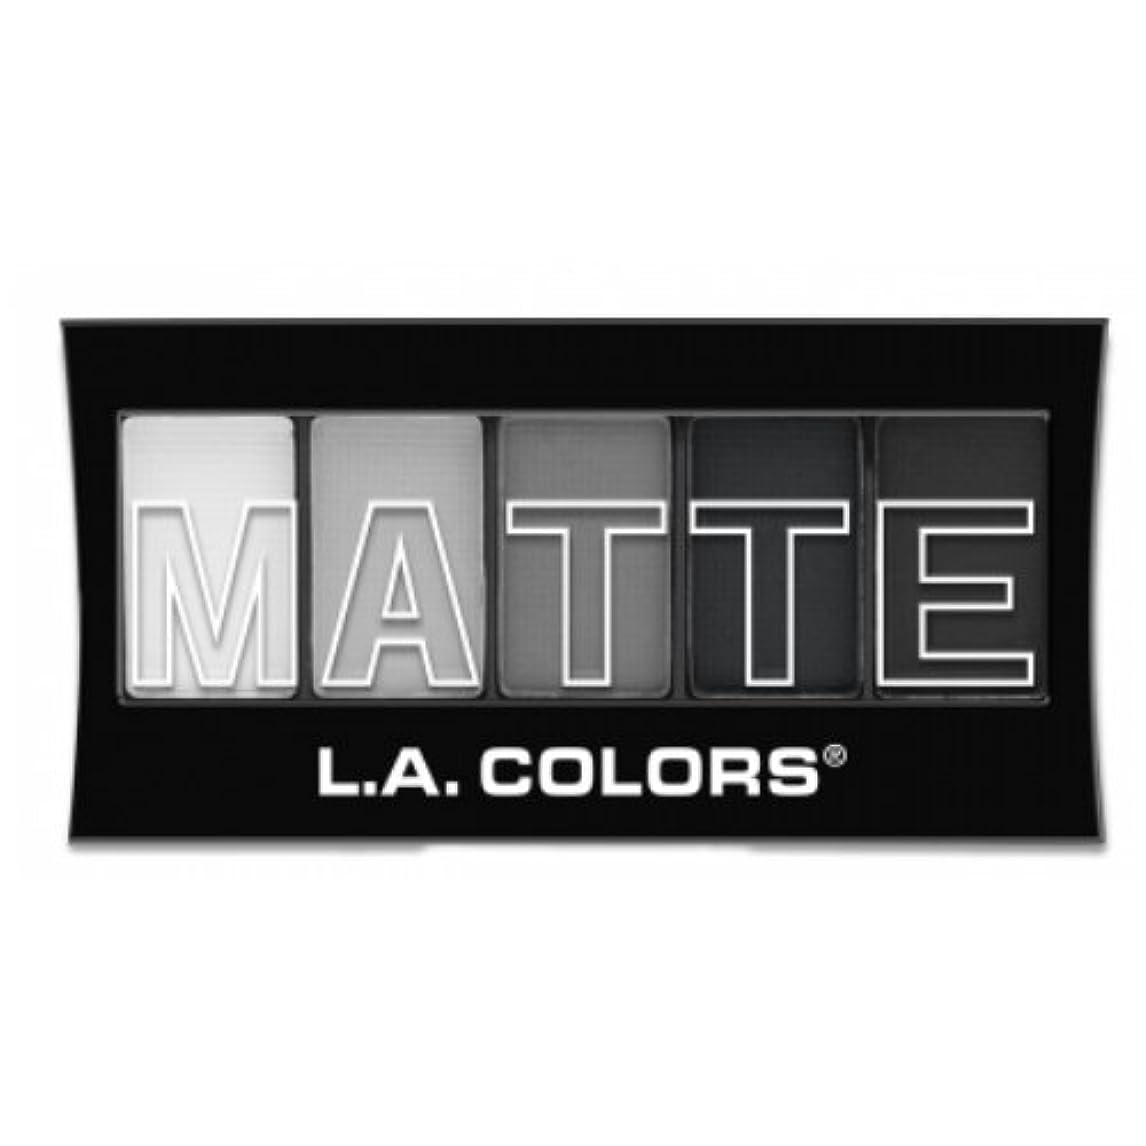 忘れっぽい亜熱帯抜け目がない(3 Pack) L.A. Colors Matte Eyeshadow - Black Lace (並行輸入品)